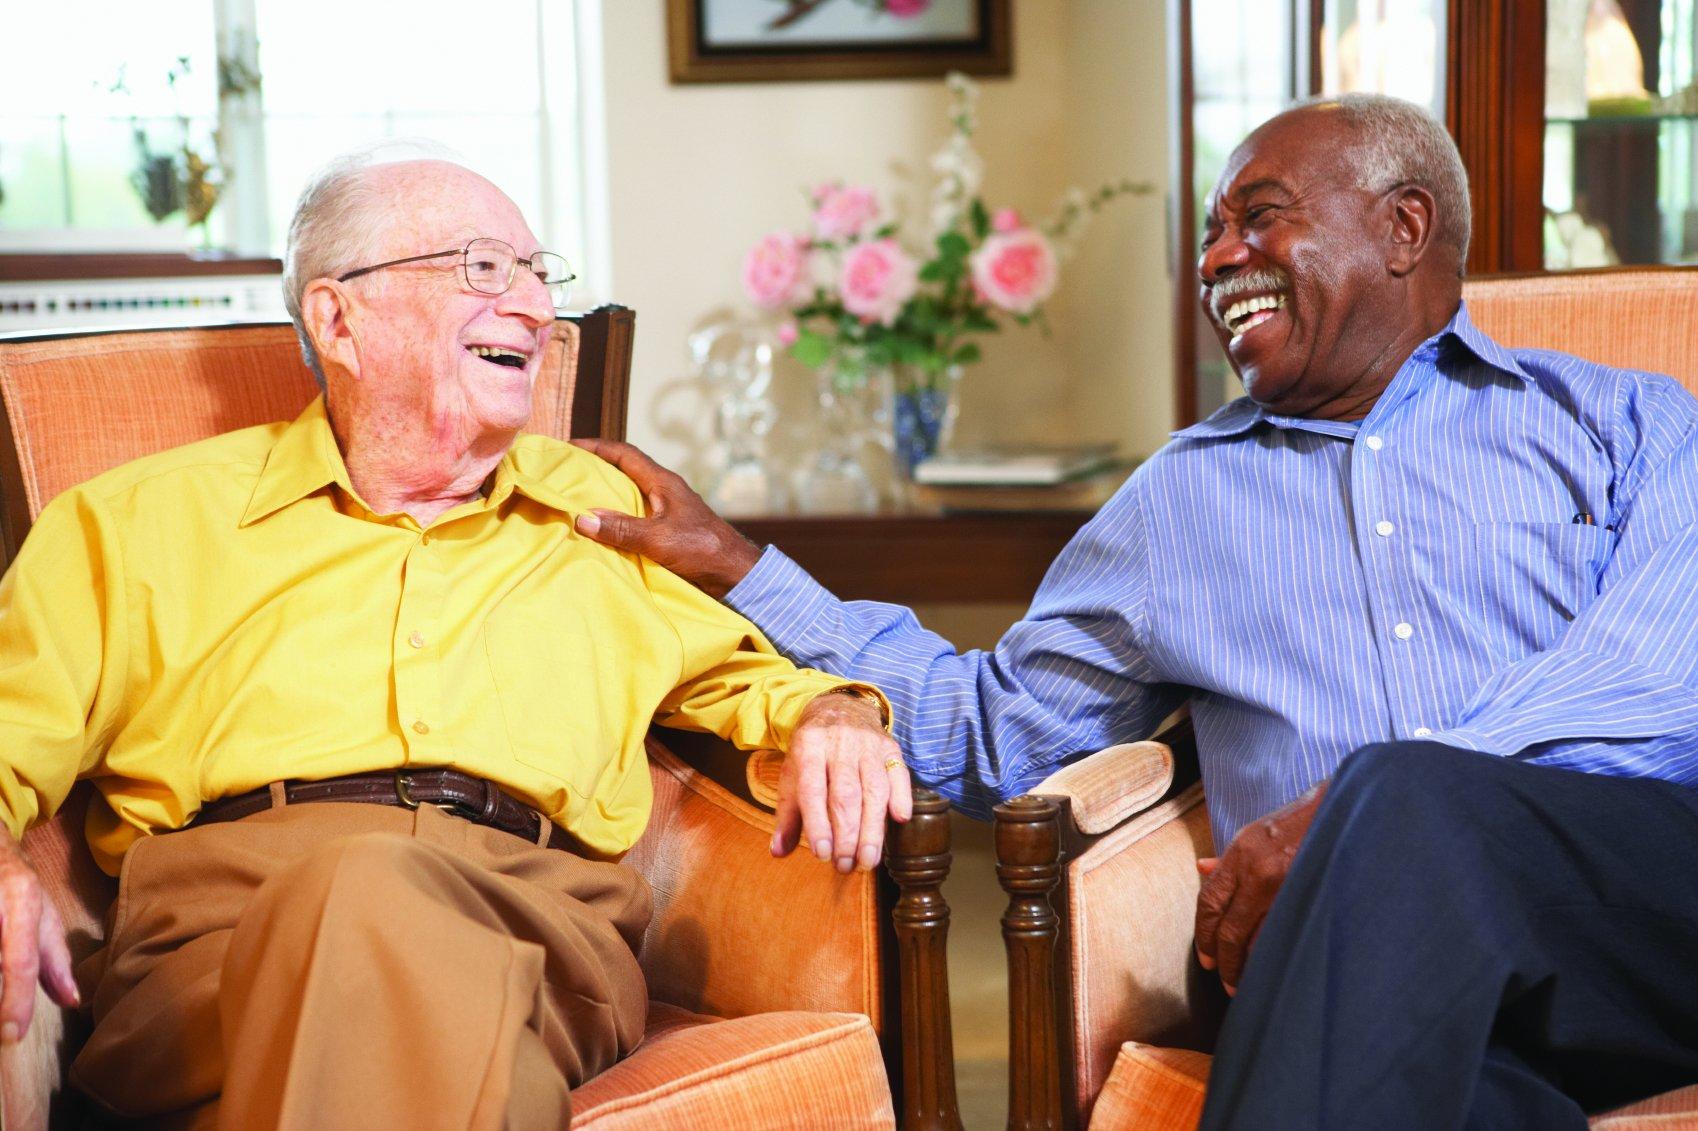 Two senior men laughing